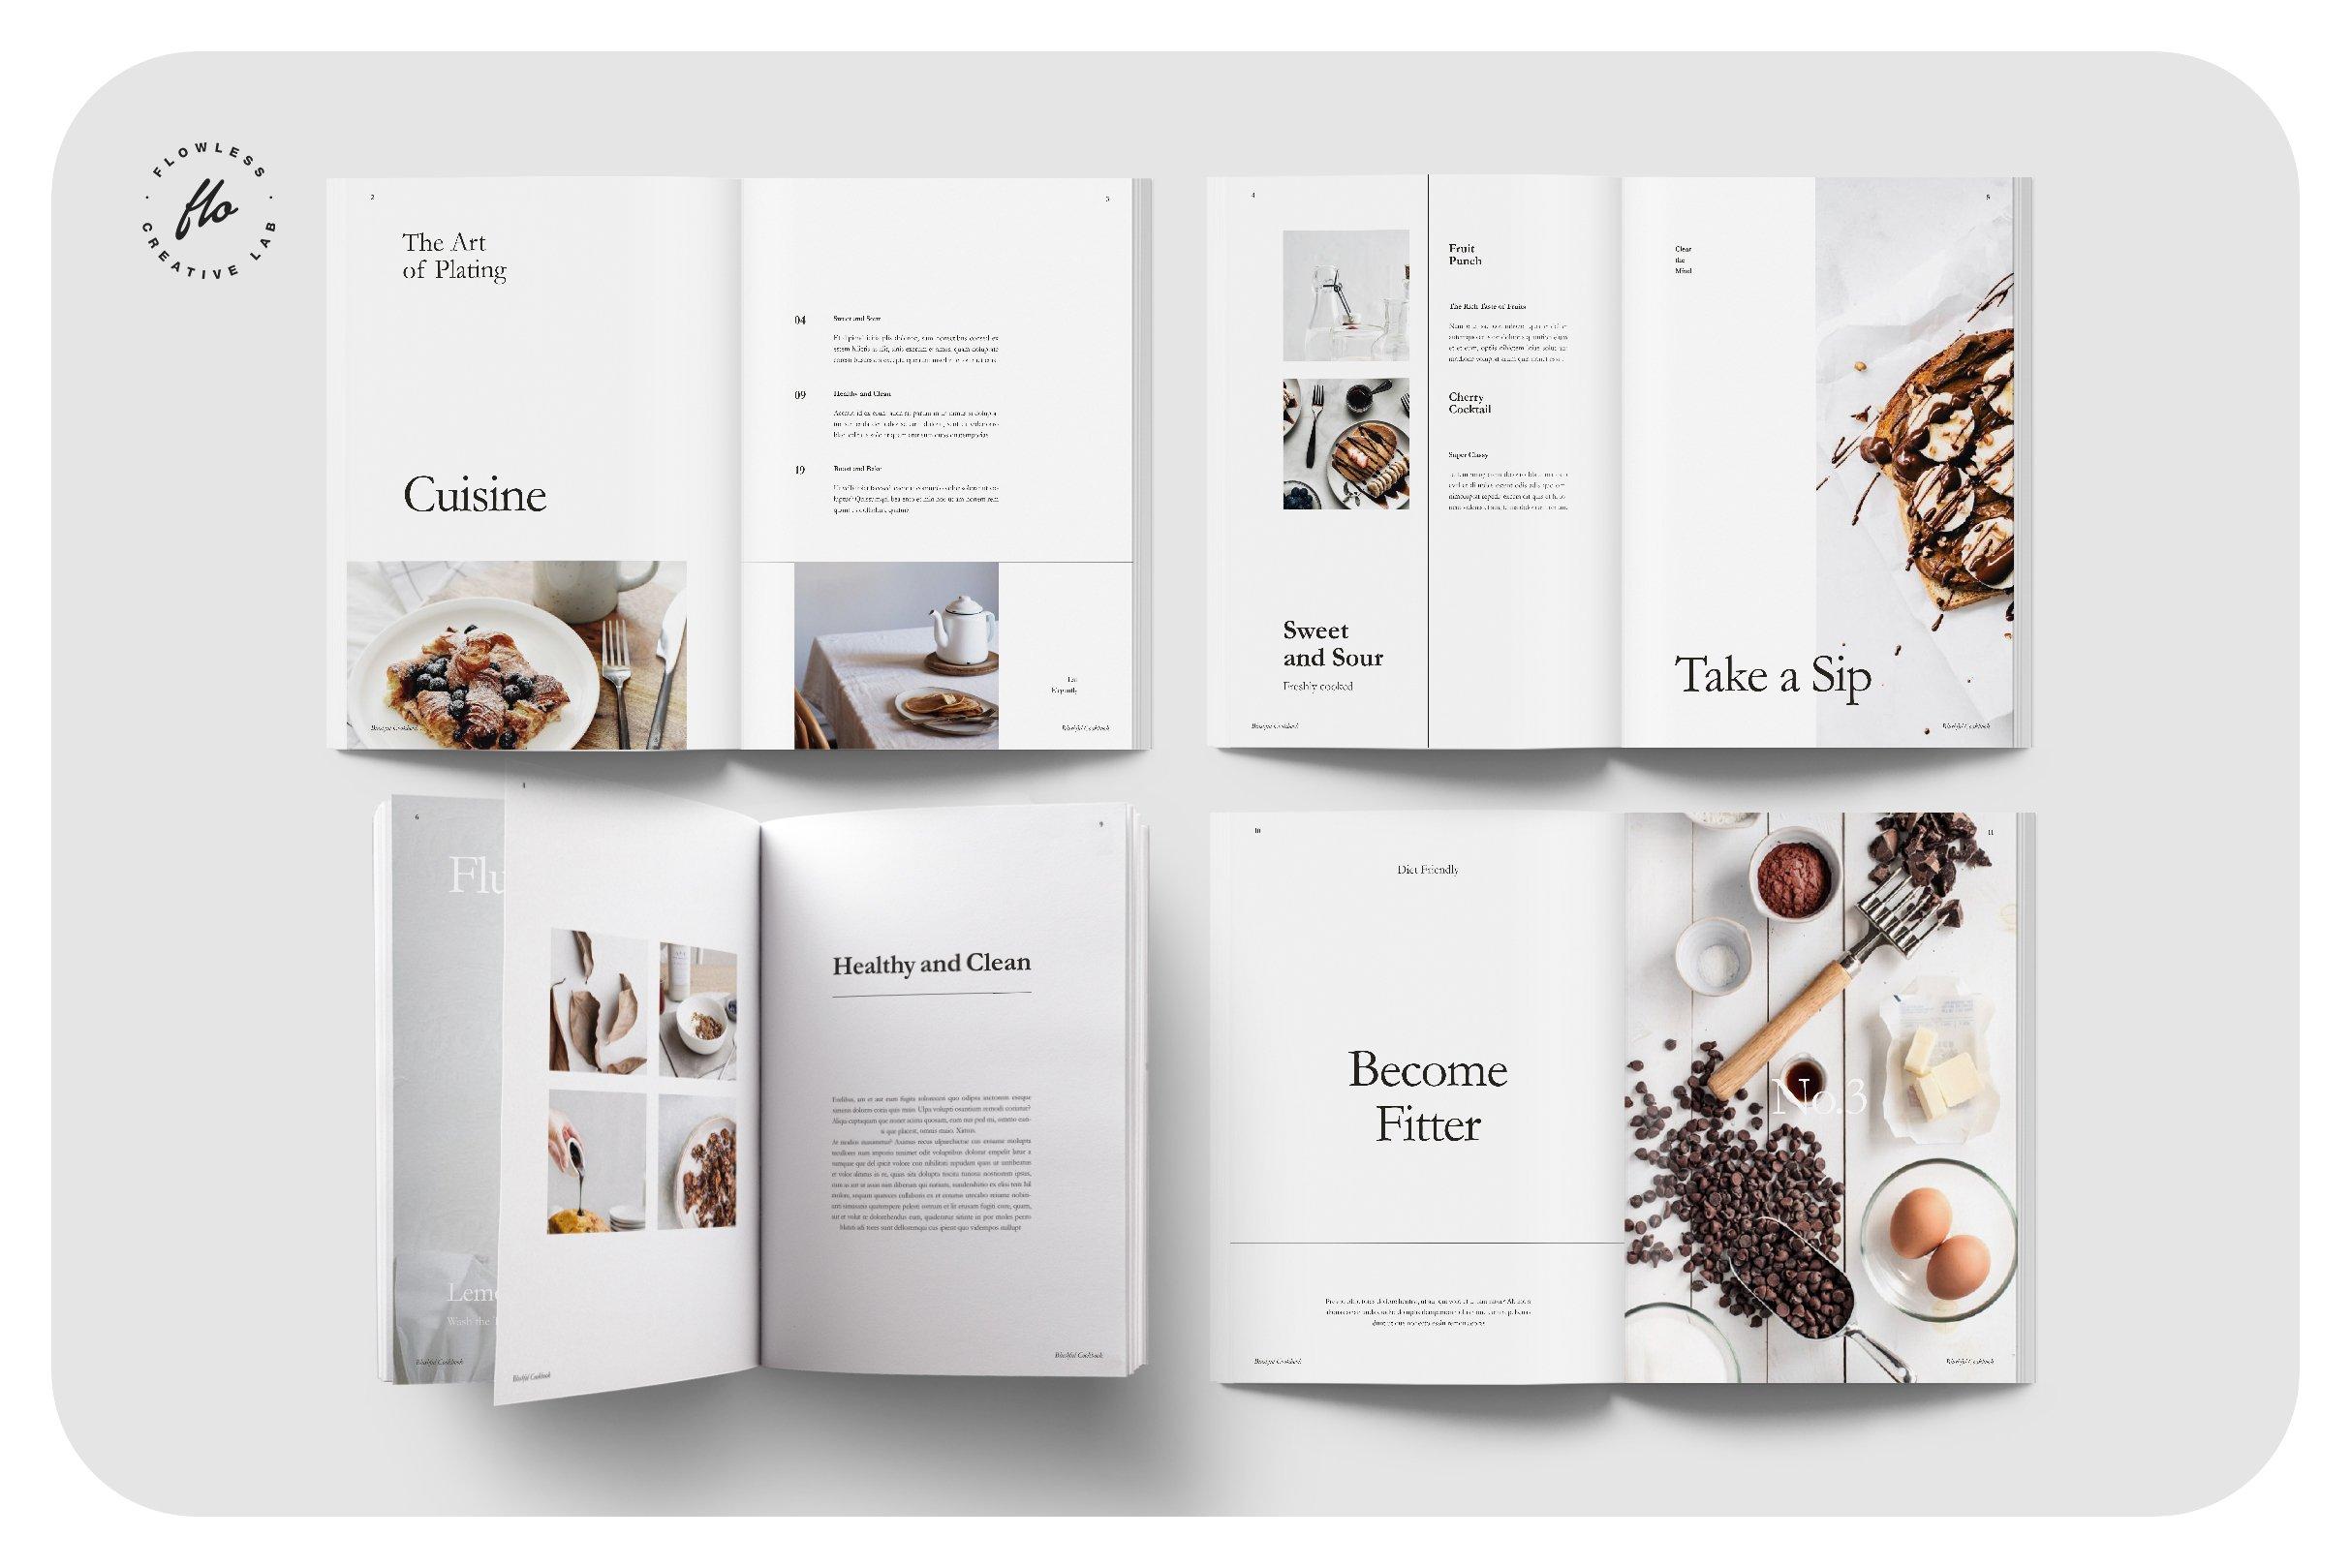 简约食谱菜单图文排版设计INDD画册模板 BLUSHFUL Editorial Cookbook插图(1)